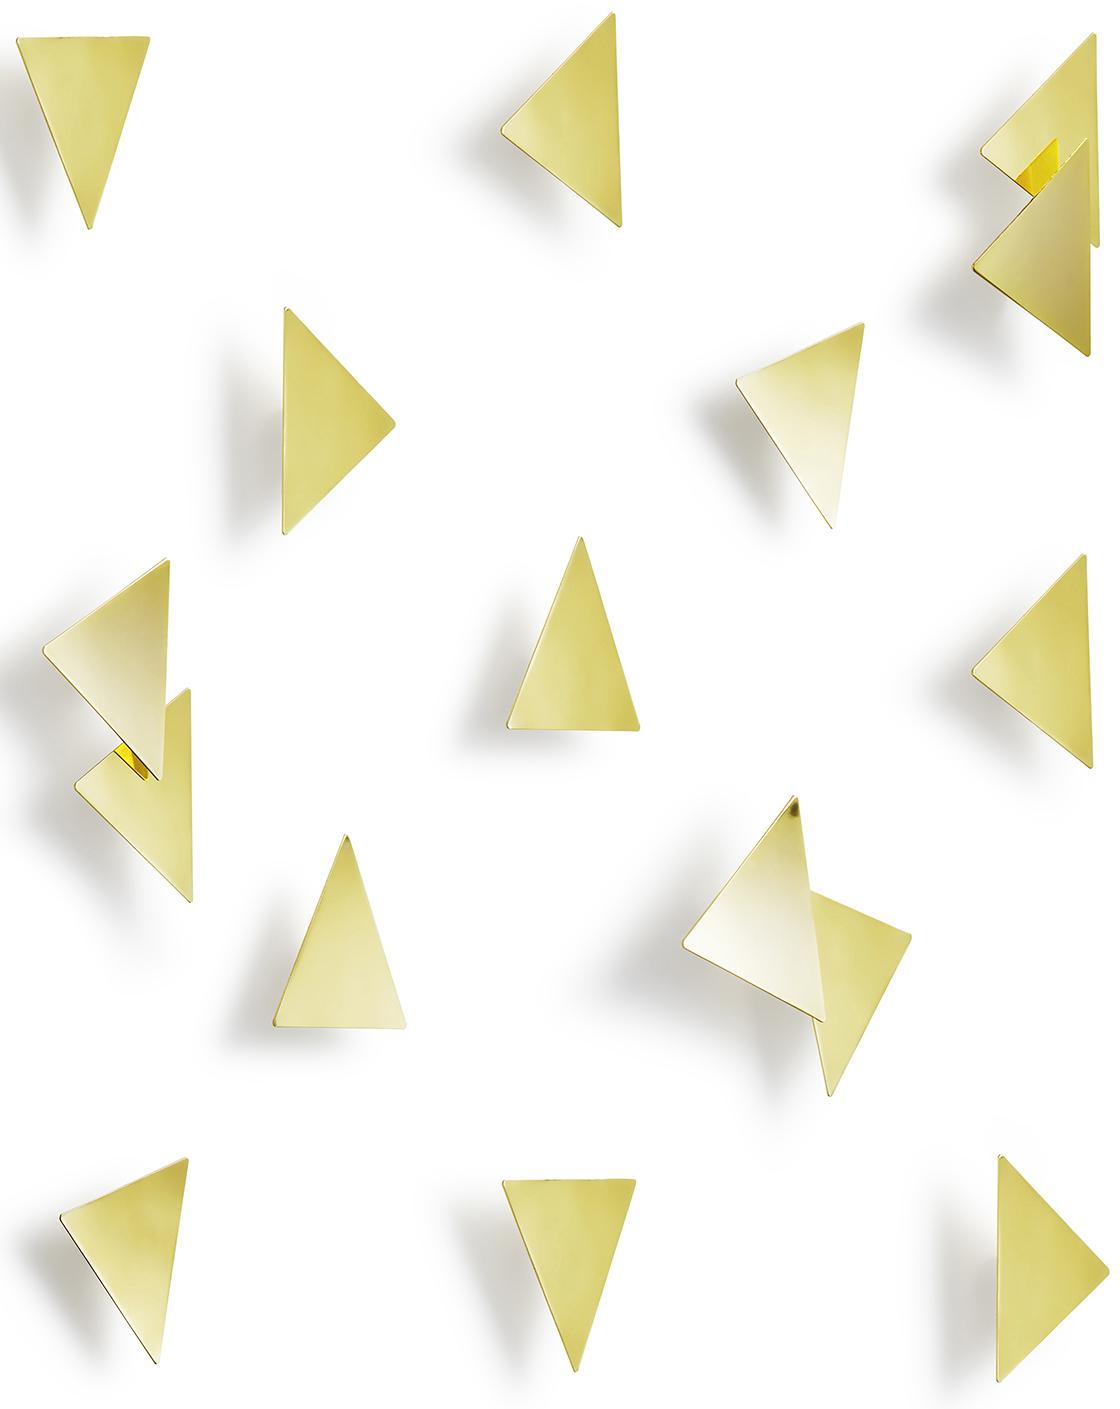 Добавьте стенам немного гламура и блеска! Комплект из 16 металлических полированных треугольных конфетти с покрытием под латунь. Идеальный декор для вечеринок и свадеб, а также незаменимый подарок для творческих натур! Крепятся к стене при помощи липкой ленты 3M Command (входит в комплект). Размер каждой конфетти 7.5 х 7.5 смДизайнер Laura Carwardine.